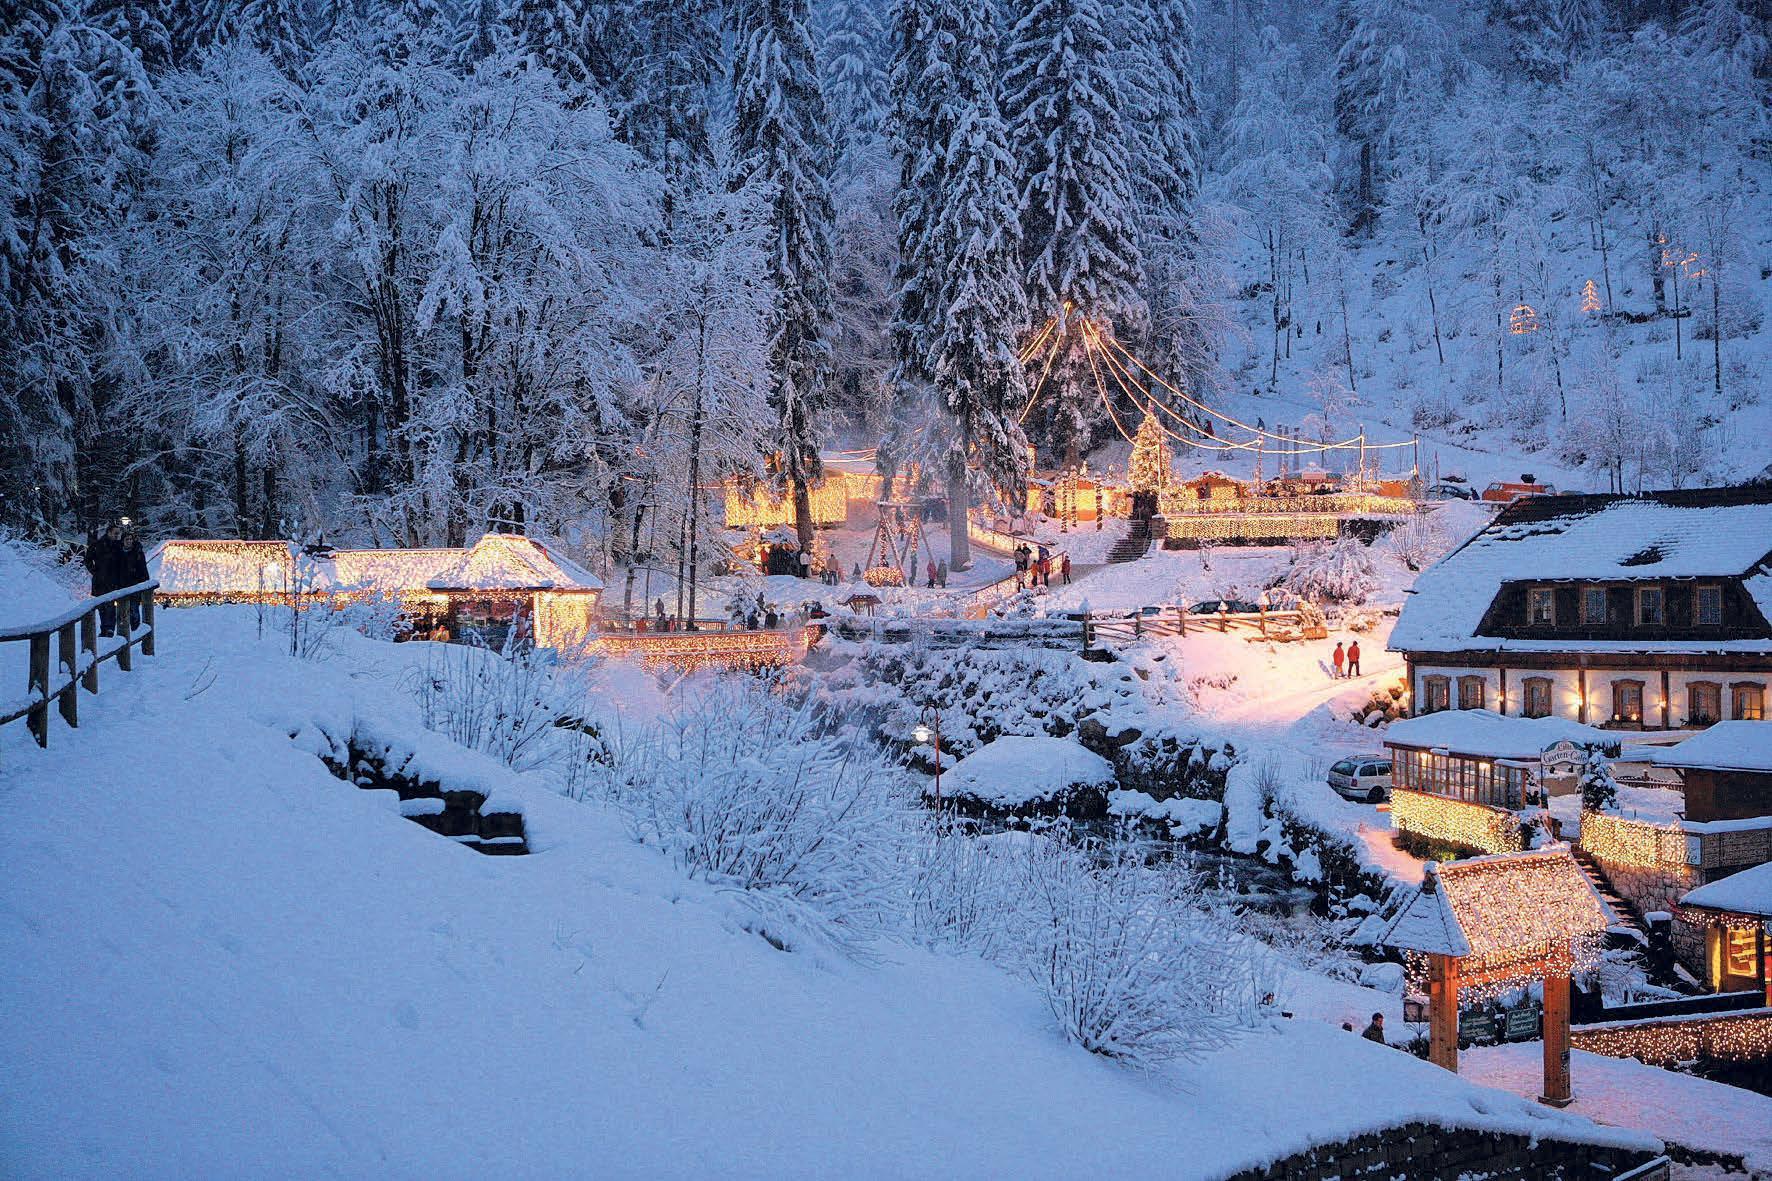 Triberg leuchtet beim Weihnachtszauber Ende Dezember. FOTO: STADT TRIBERG